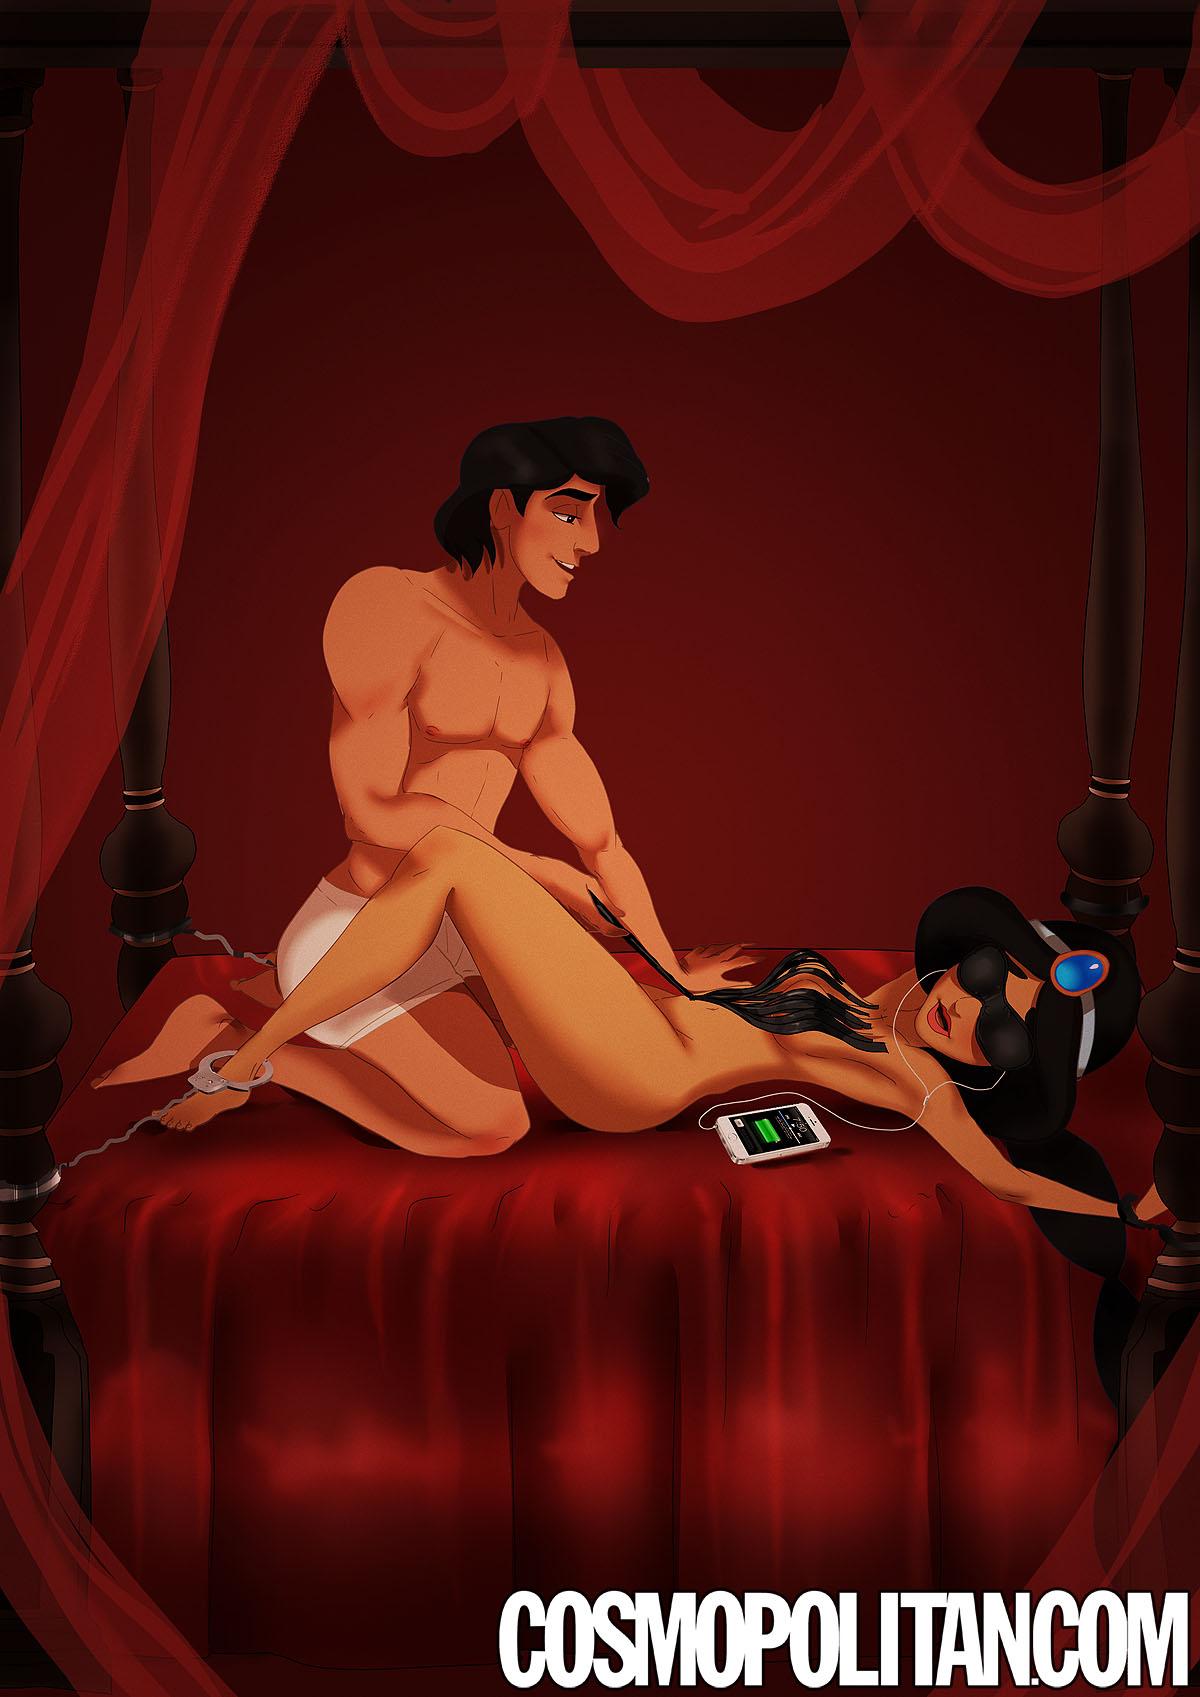 Jasmine & Aladdin, Aladdin